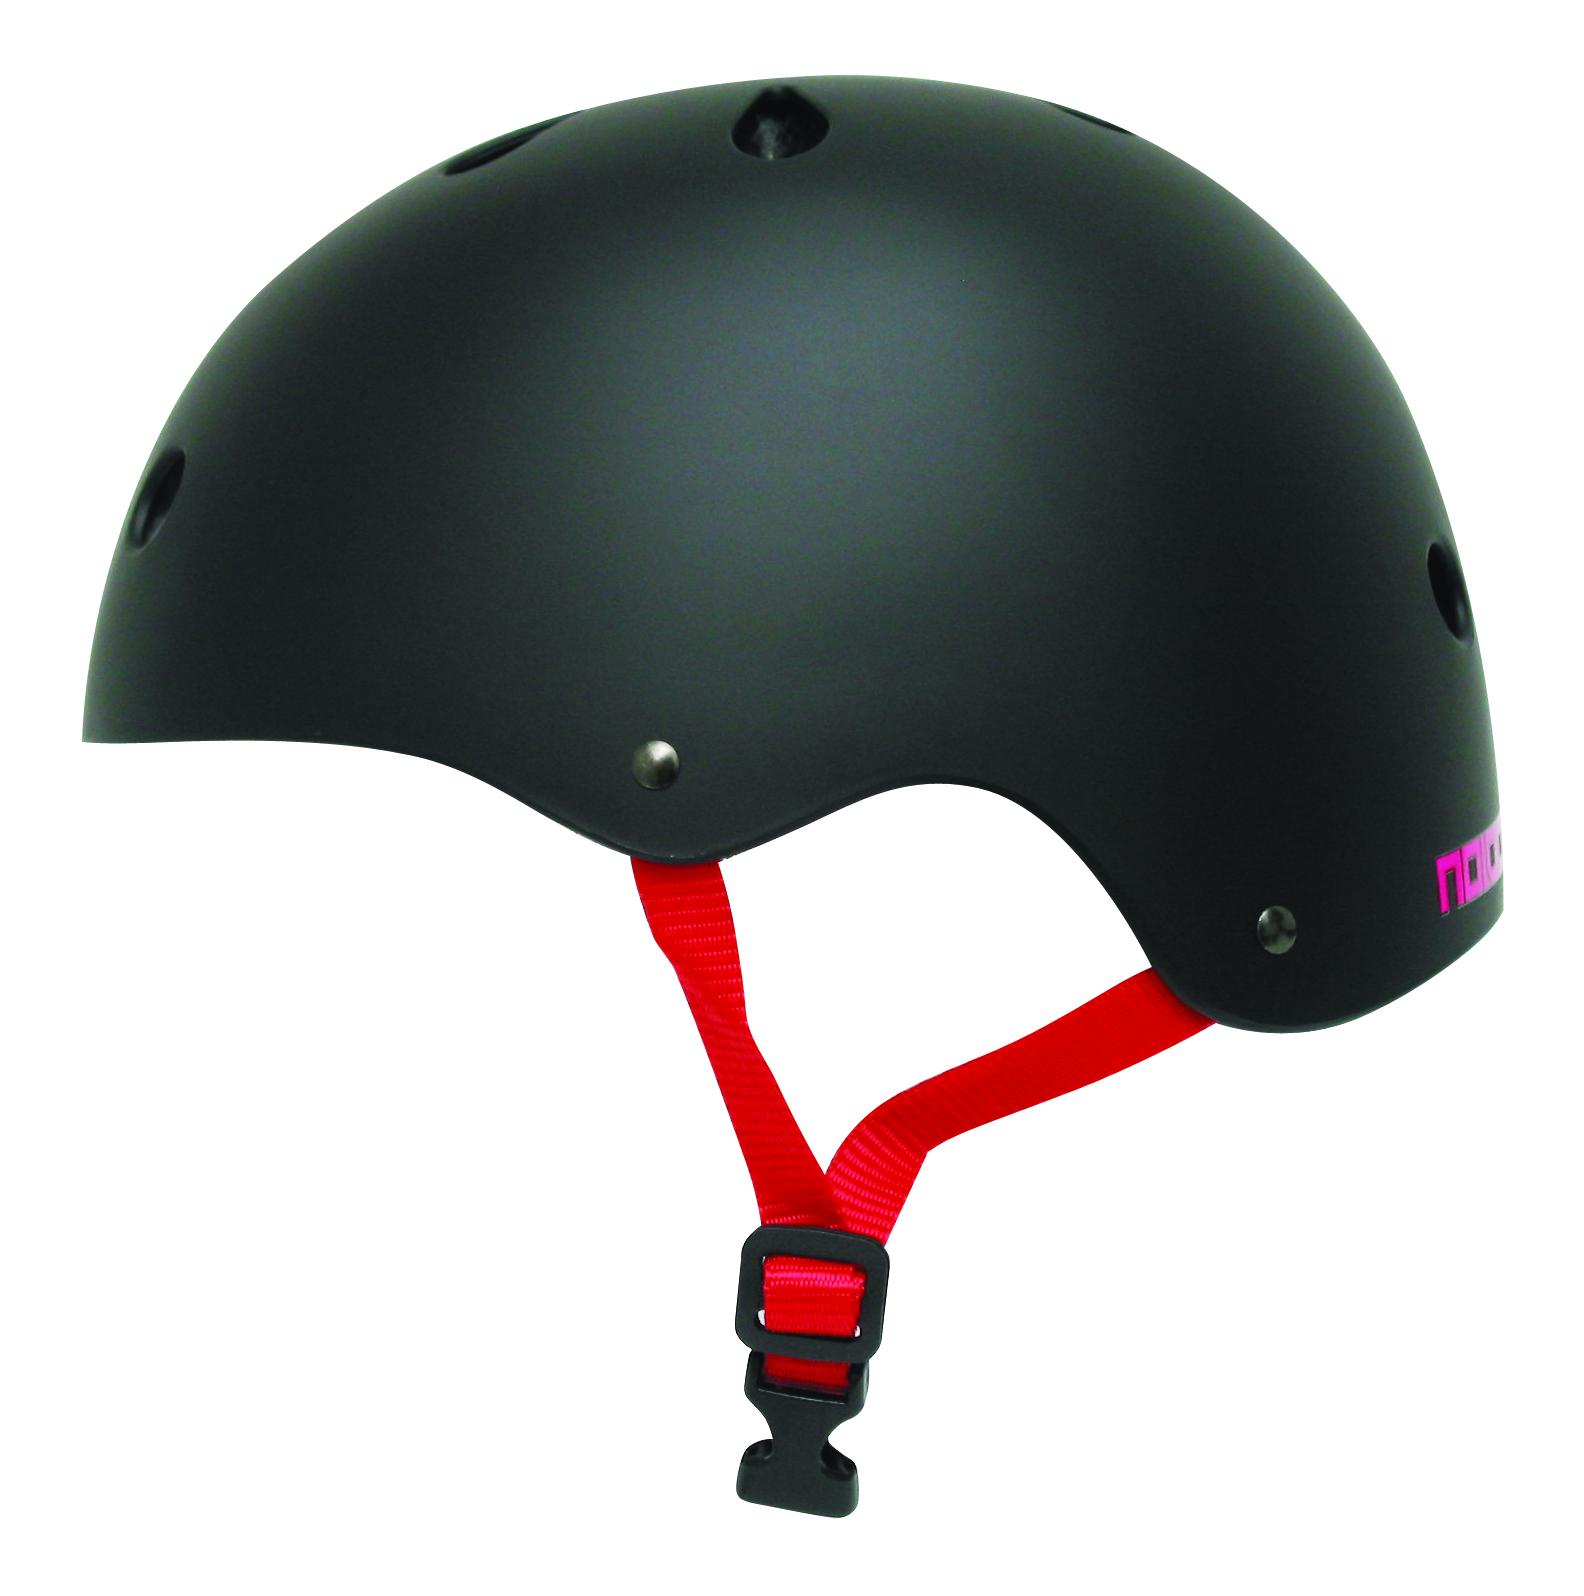 casque noir nolo pour trottinette ou v lo accessoires casques mobility urban. Black Bedroom Furniture Sets. Home Design Ideas